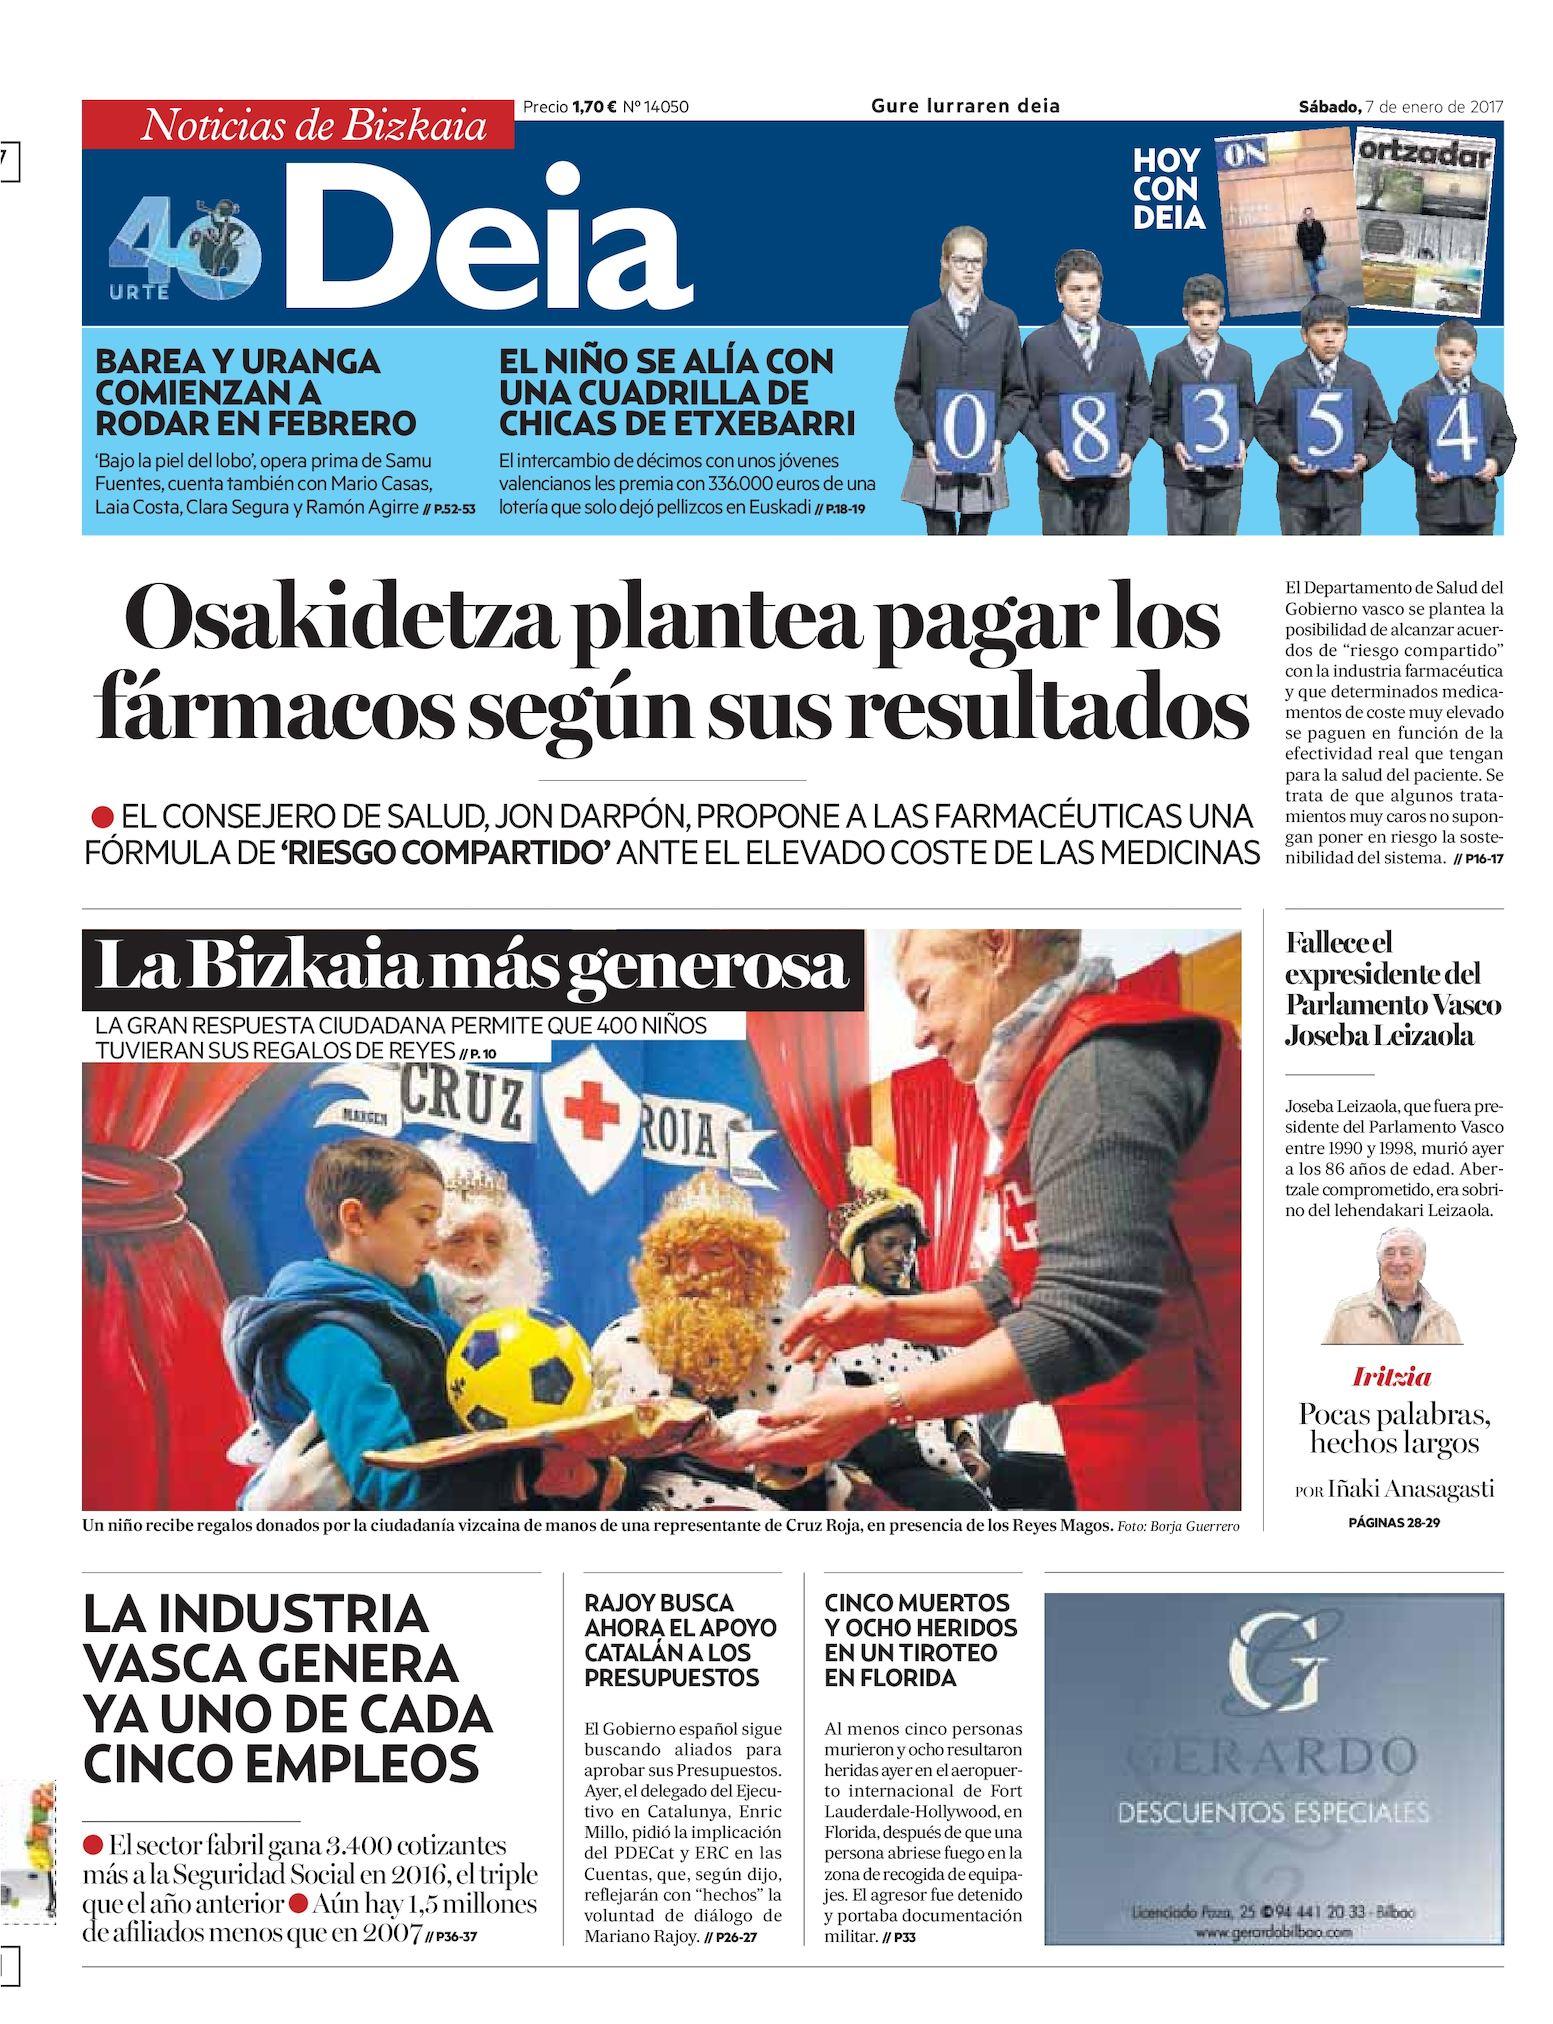 fastidiar la promo online castellano